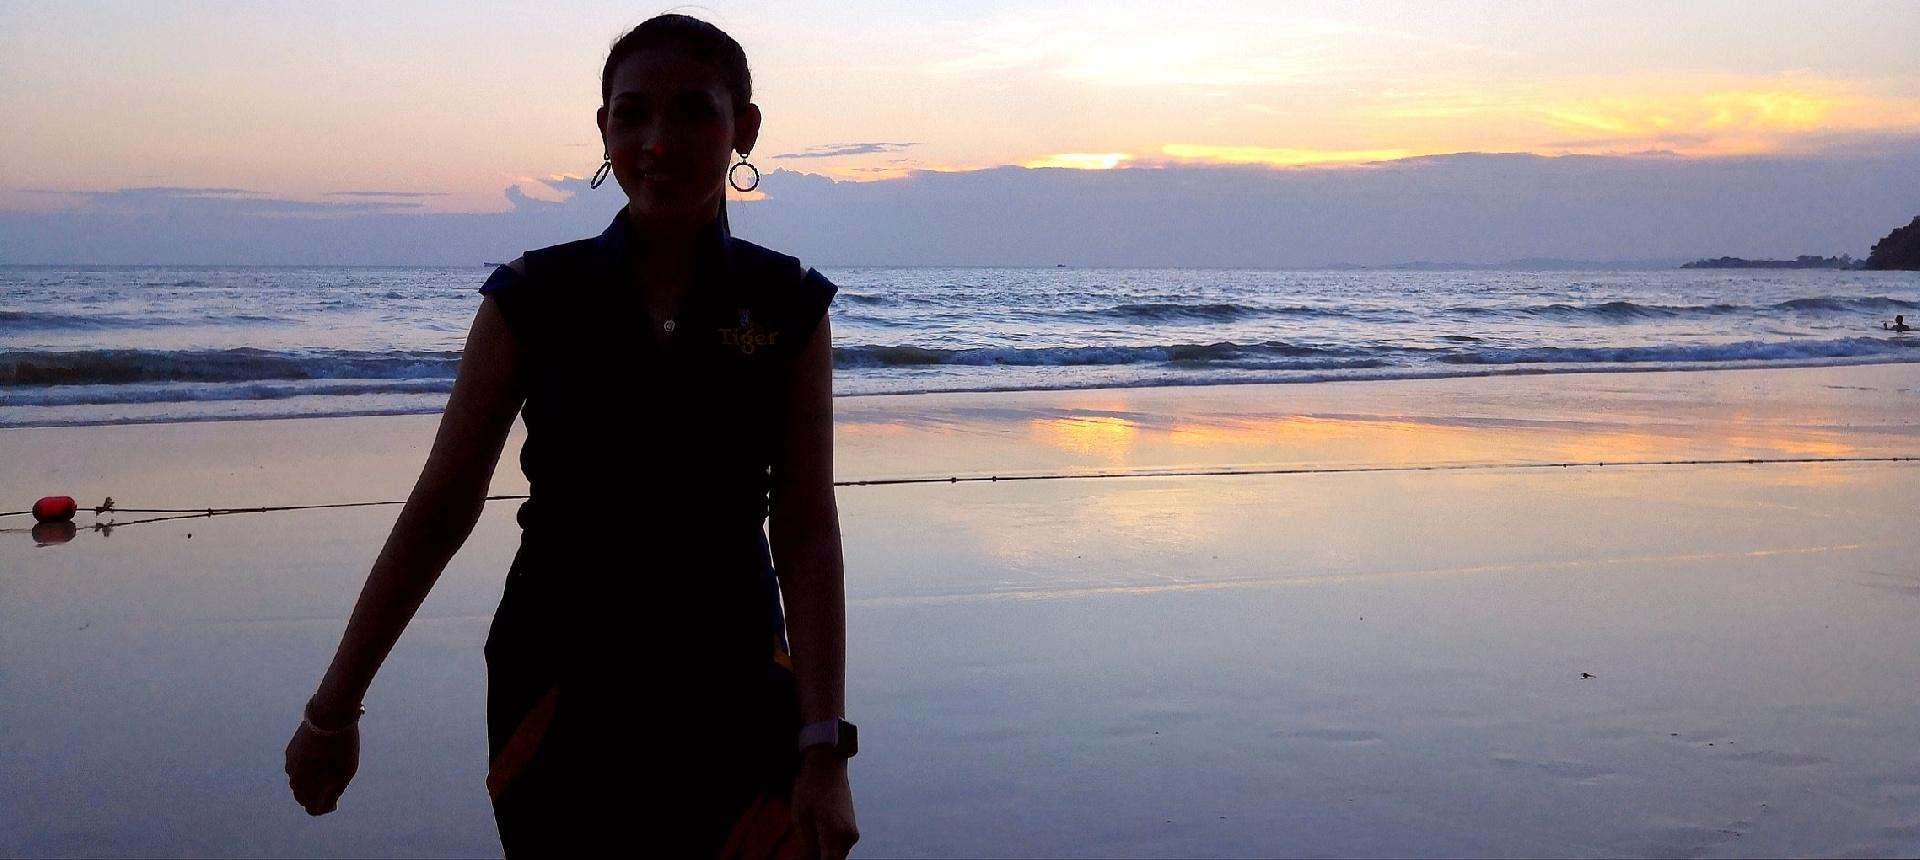 欧阳川作品:海滩倩影